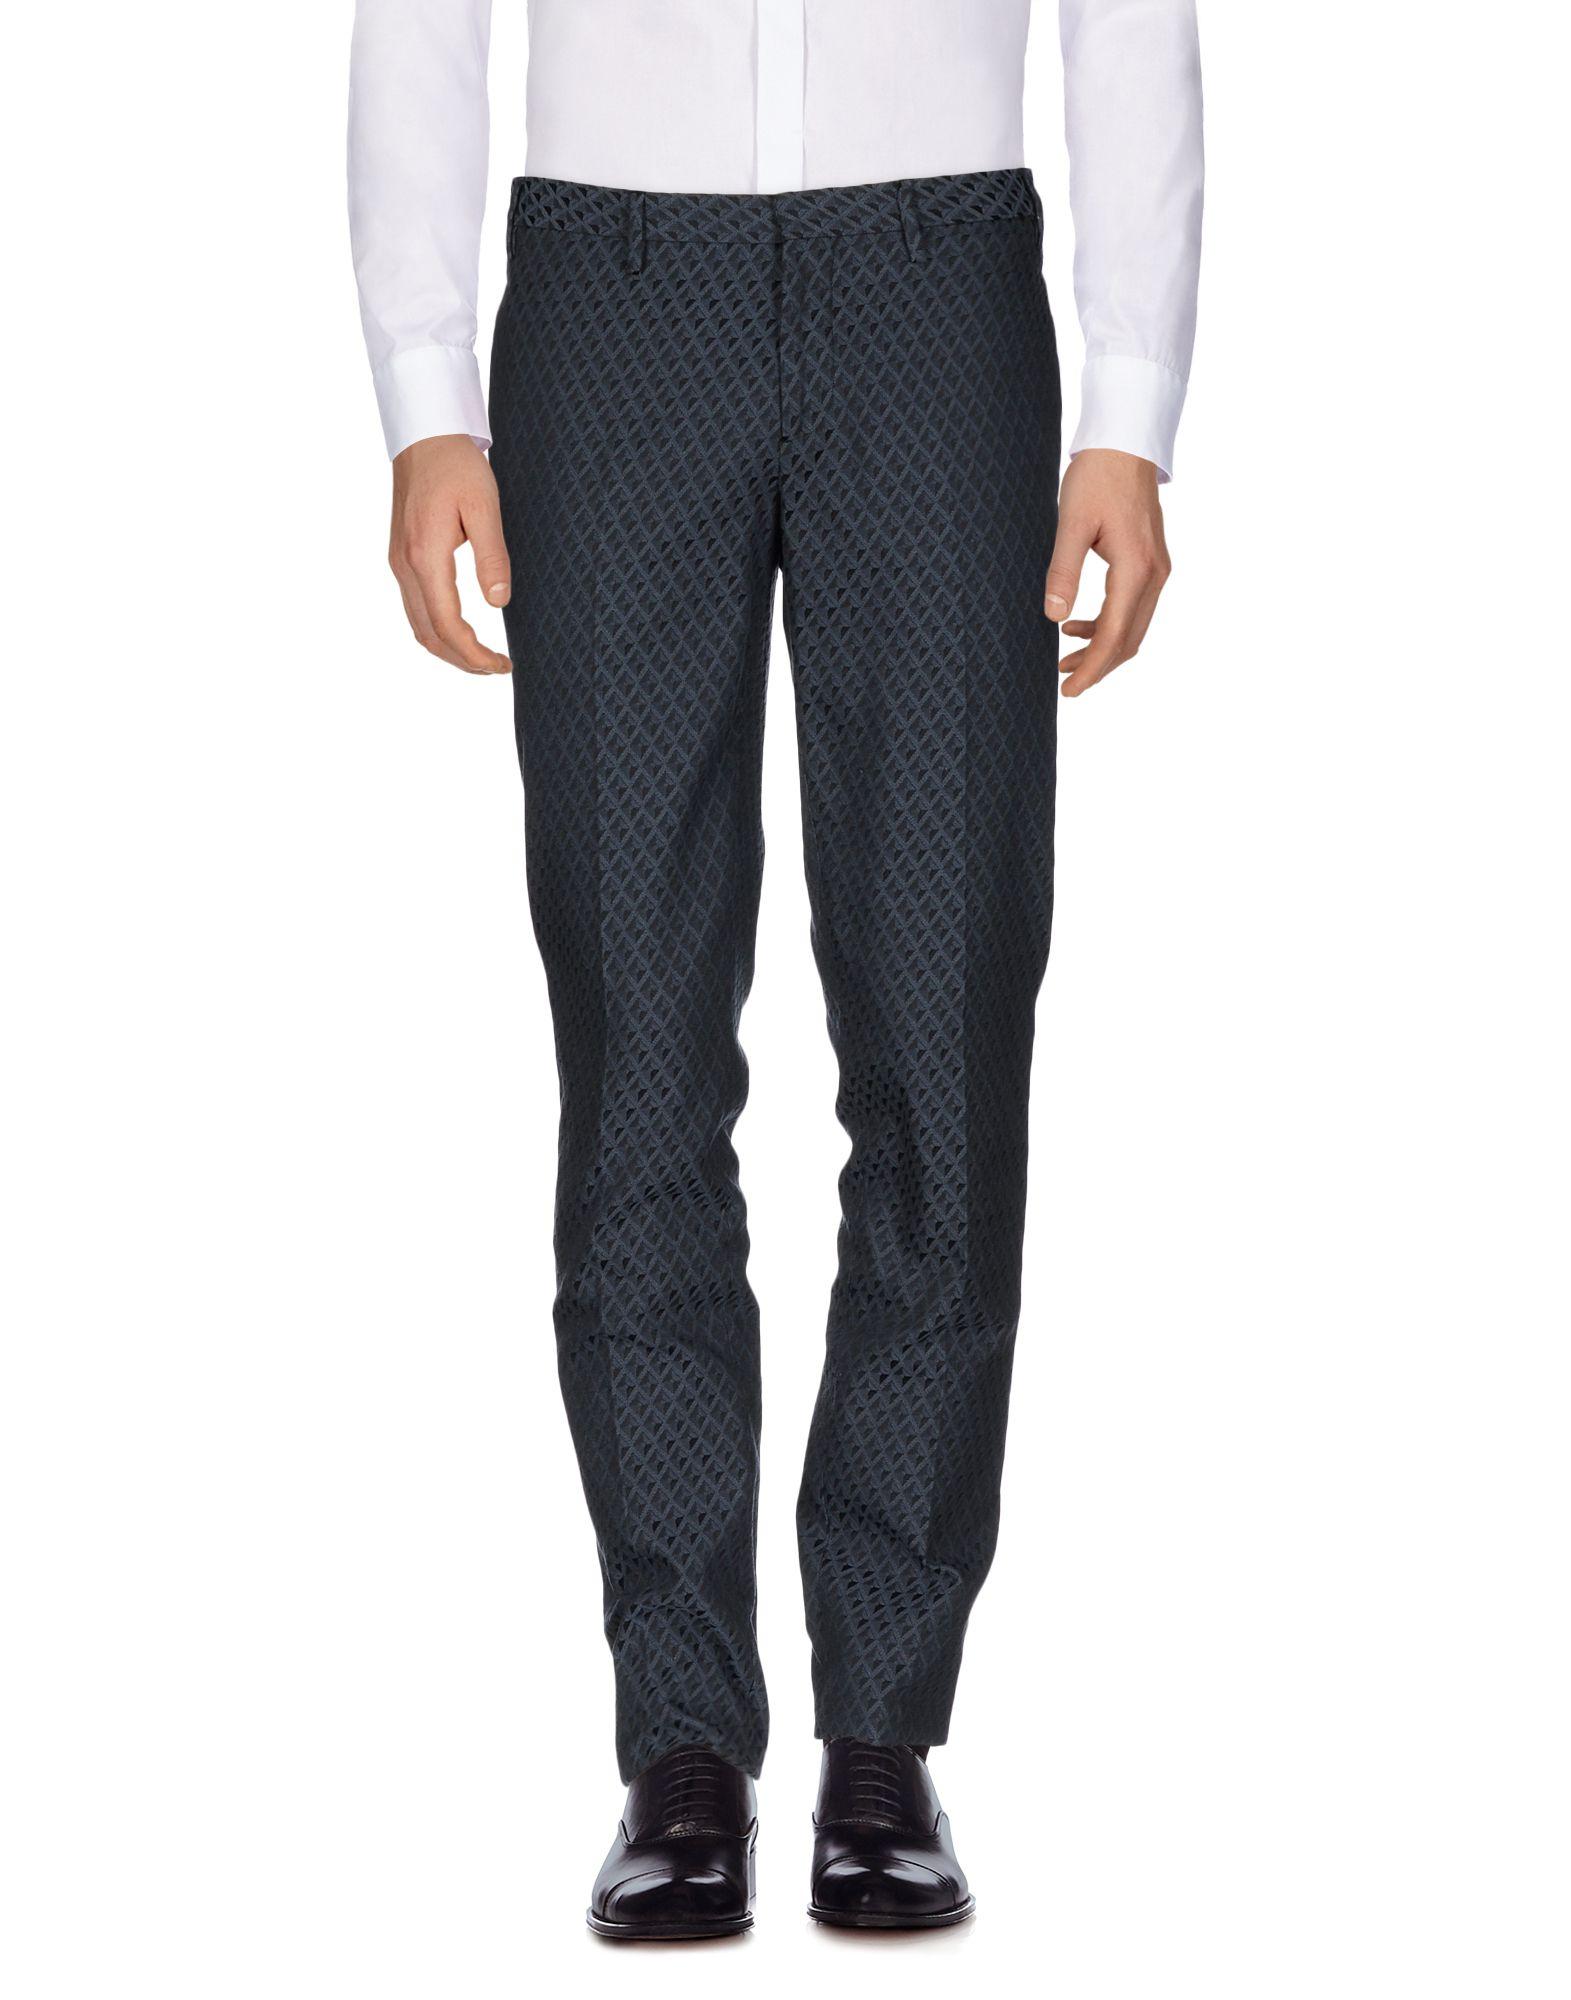 《期間限定セール中》BELSTAFF メンズ パンツ ブルーグレー 48 ポリエステル 65% / コットン 35%